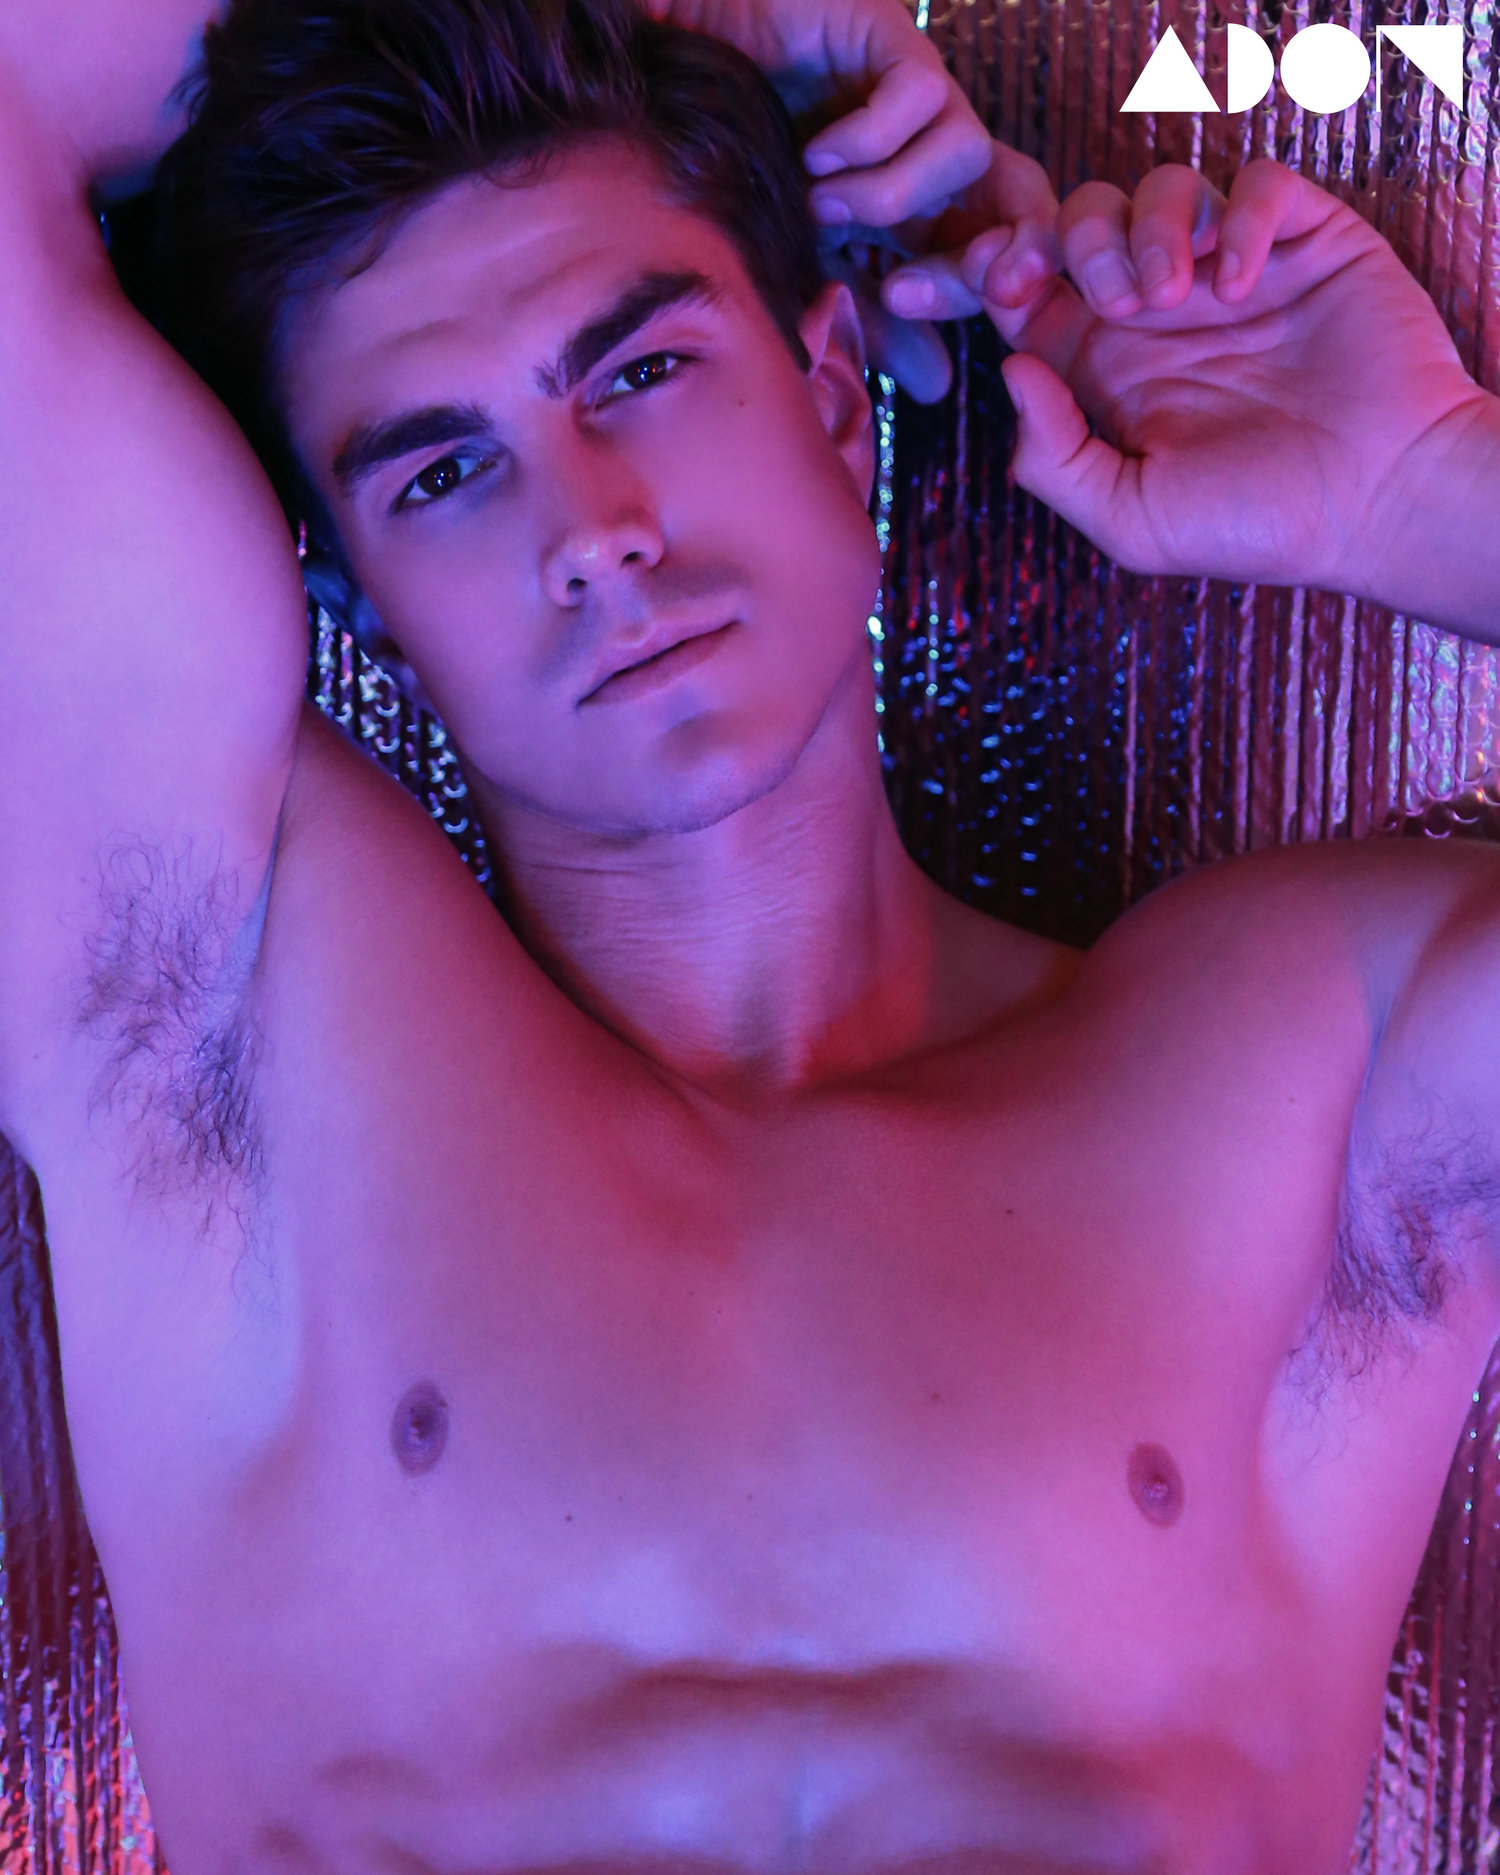 Adon Exclusive: Model Kyle Kriesel By Logan Noh